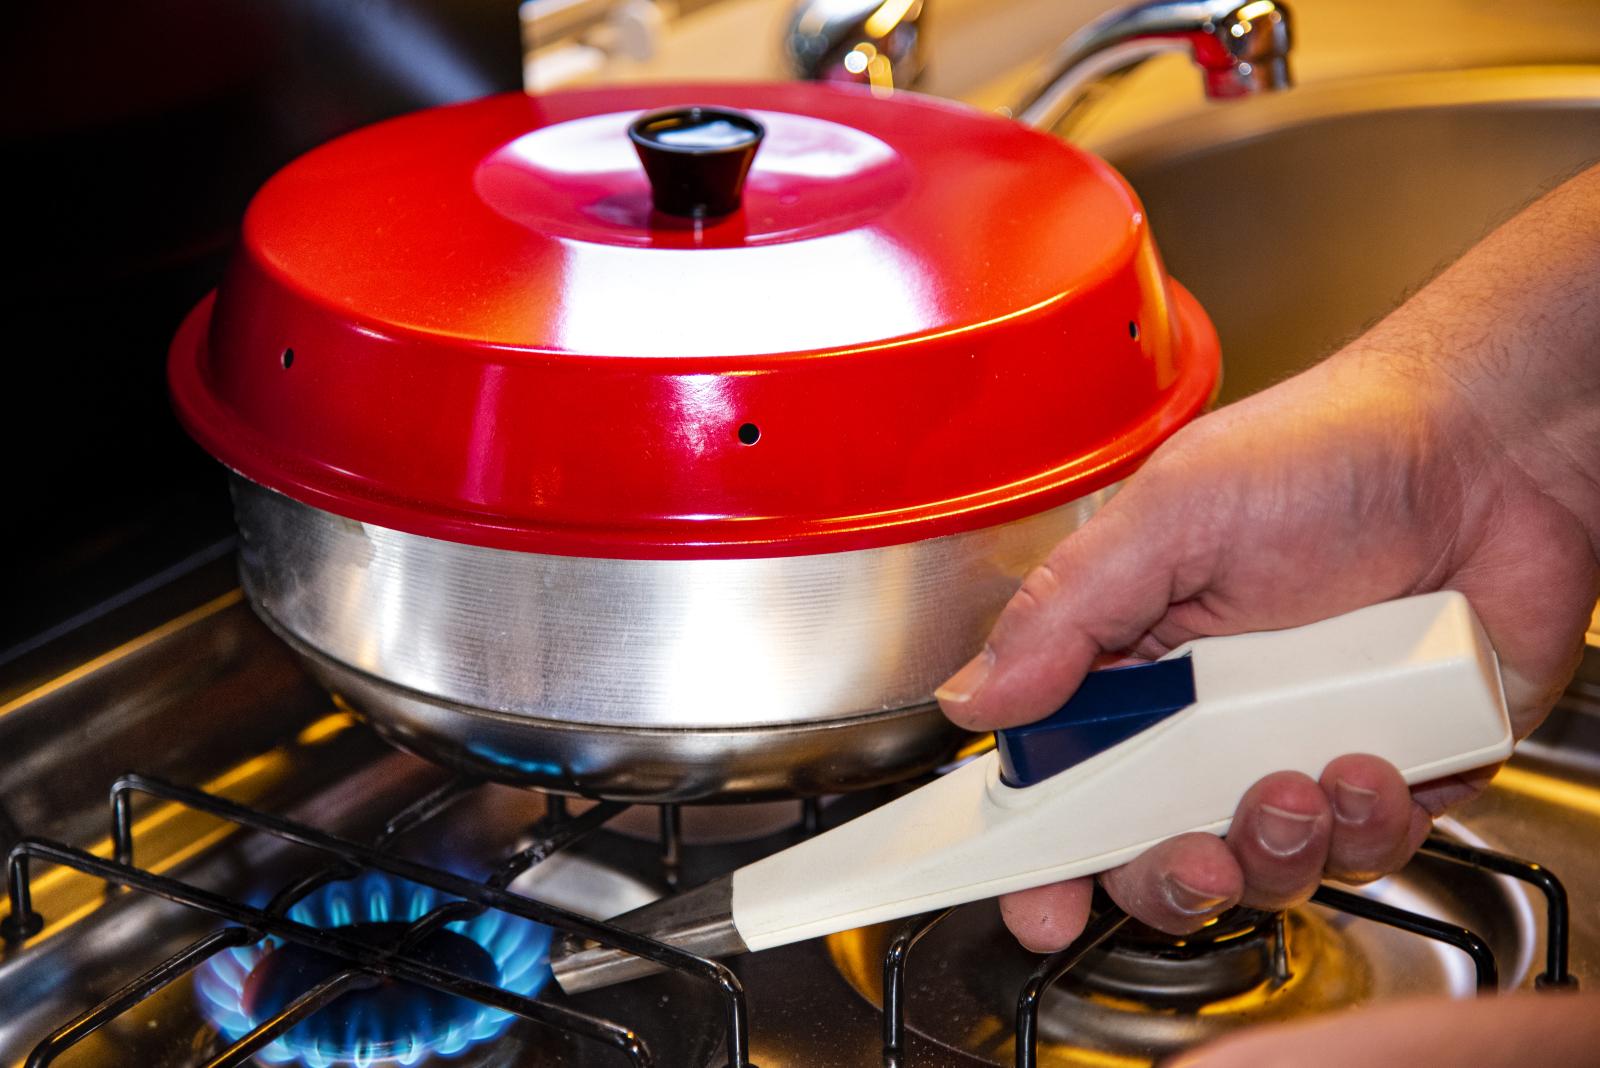 Der Deckel sorgt dafür, dass die Hitze, die durch das Loch in der Mitte aufsteigt, als Oberhitze genutzt wird.